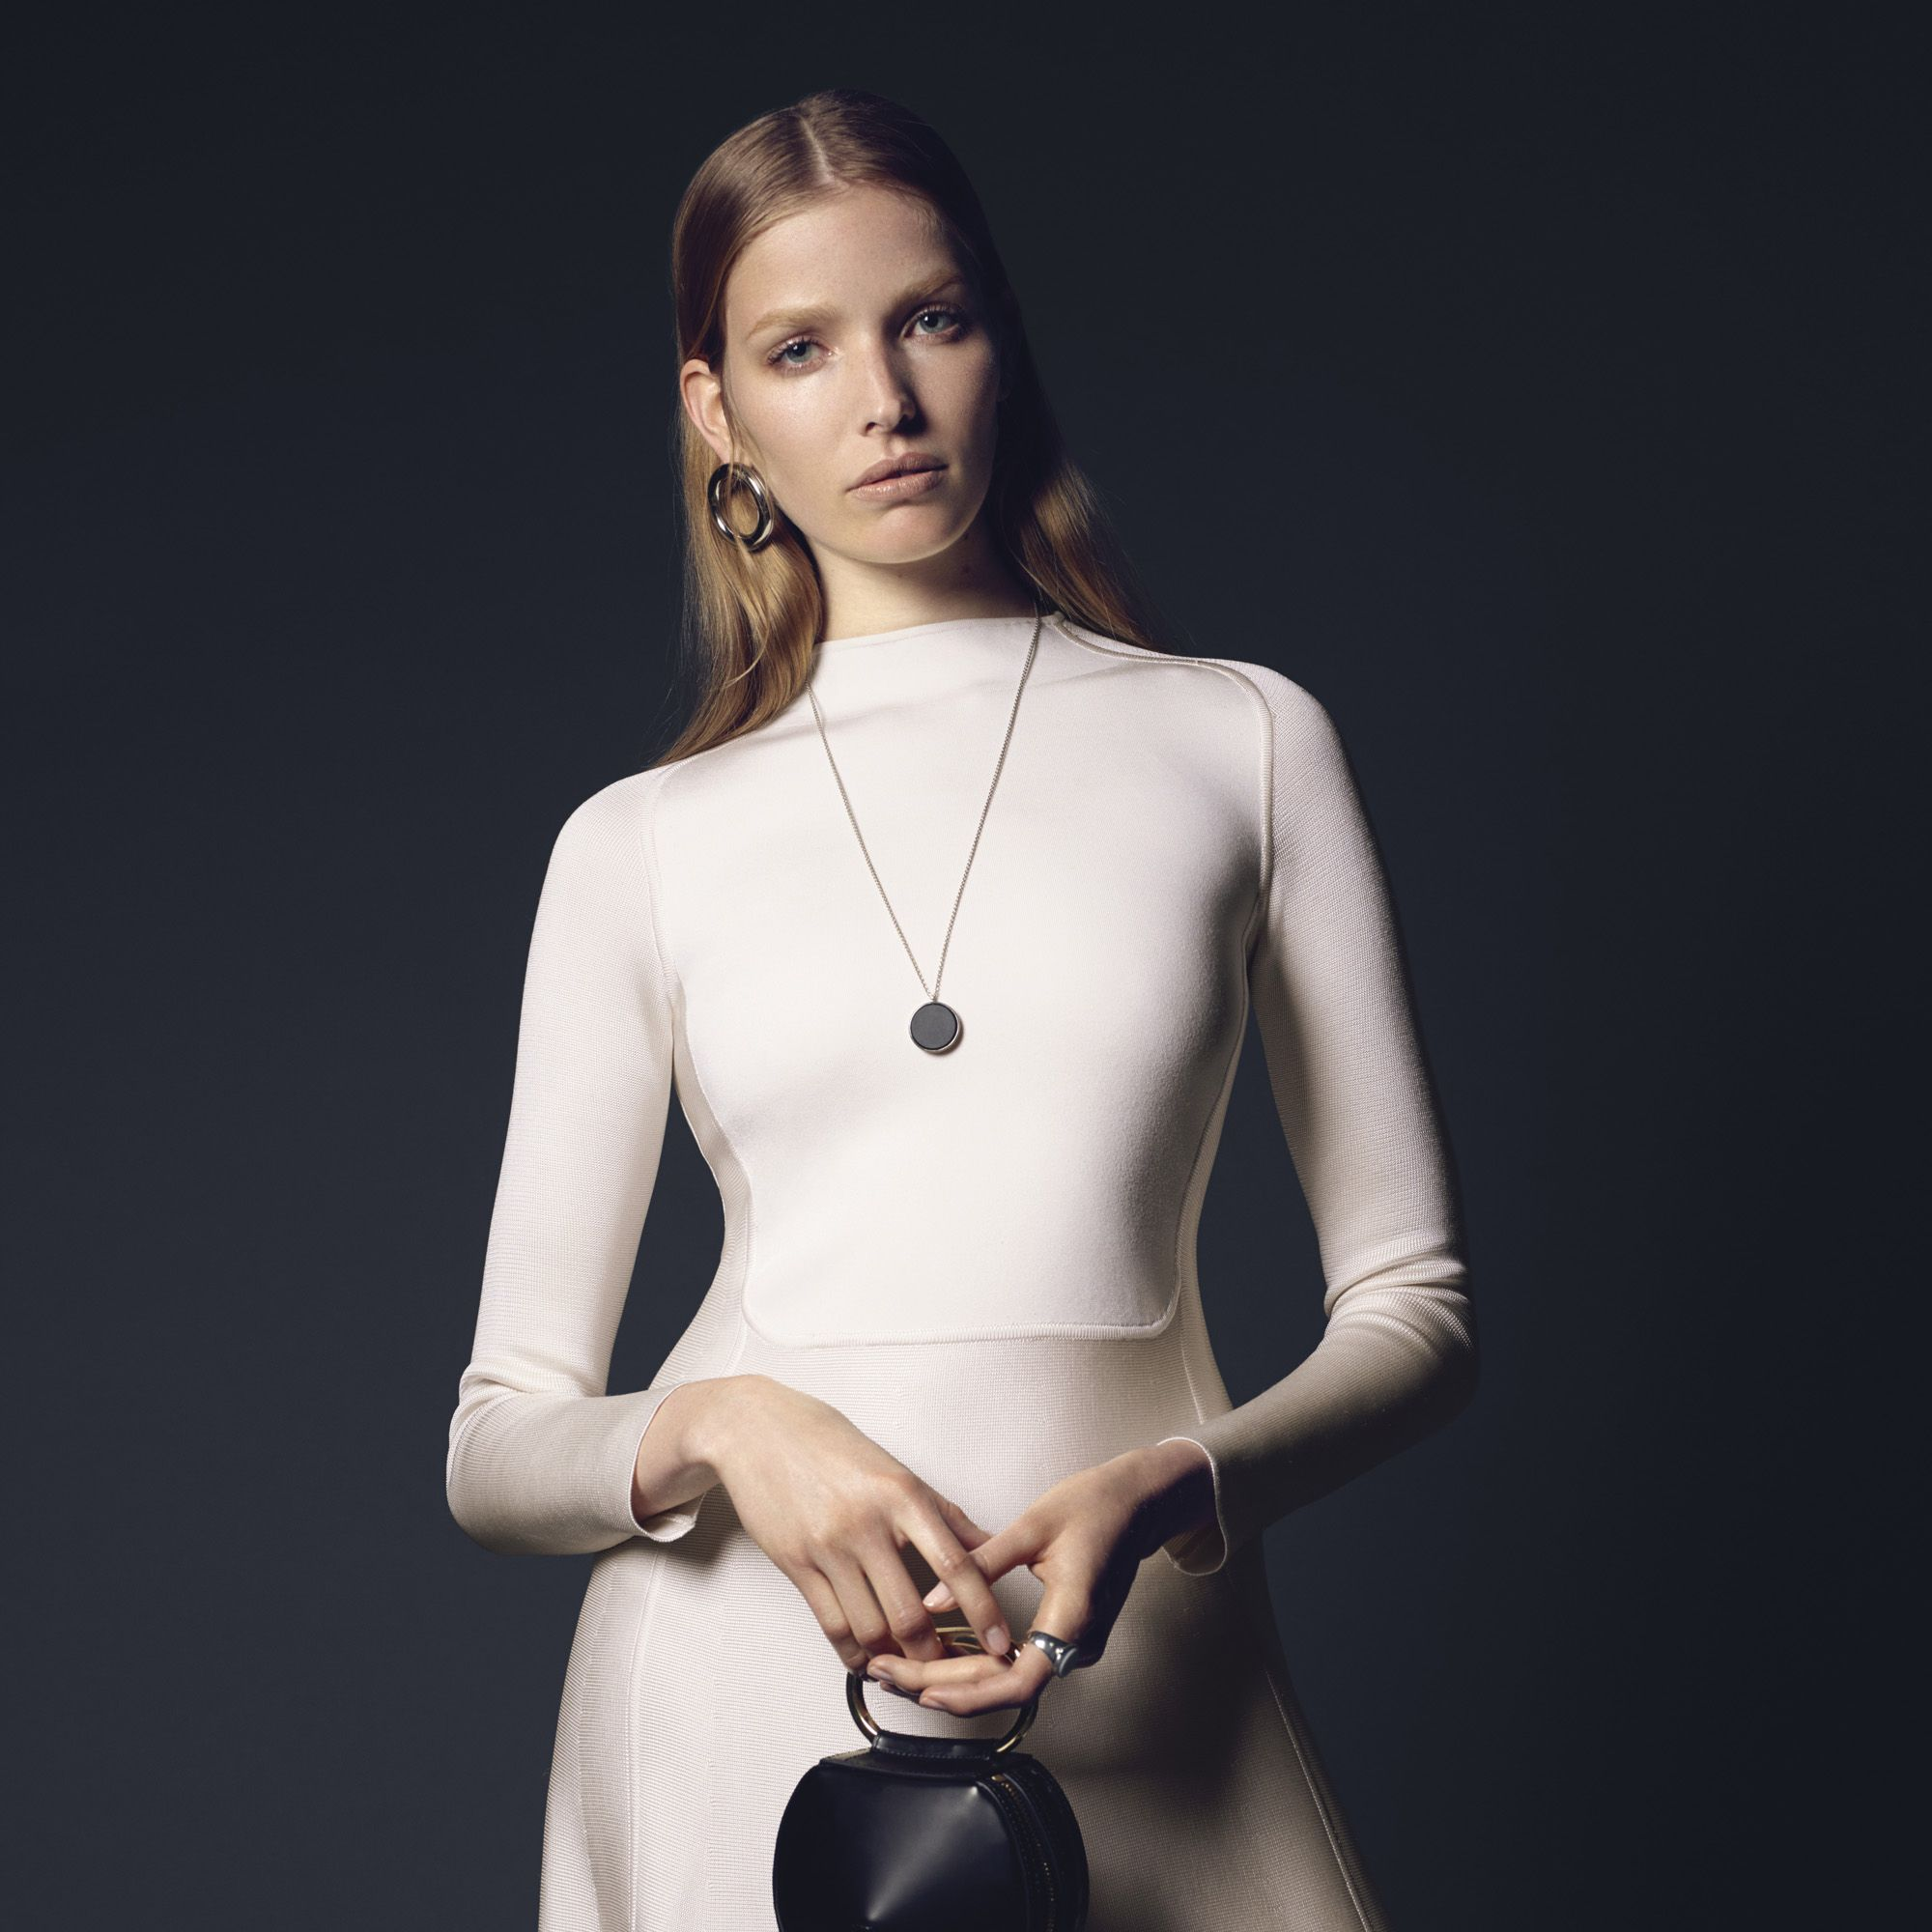 """<p><strong>Hermes</strong> dress, $5,450, <a href=""""http://usa.hermes.com/"""" target=""""_blank"""">hermes.com</a>&#x3B; <strong>J.W. Anderson</strong> earring, $365, <a href=""""http://j-w-anderson.com/"""" target=""""_blank"""">j-w-anderson.com</a>&#x3B; <strong>Tom Wood</strong> necklace, $320, and ring, $480, <a href=""""http://www.tomwoodproject.com/"""" target=""""_blank"""">tomwoodproject.com</a> &#x3B; <strong>3.1 Phillip Lim</strong> bag, $395, <a href=""""http://www.31philliplim.com"""" target=""""_blank"""">31philliplim.com</a>. </p>"""